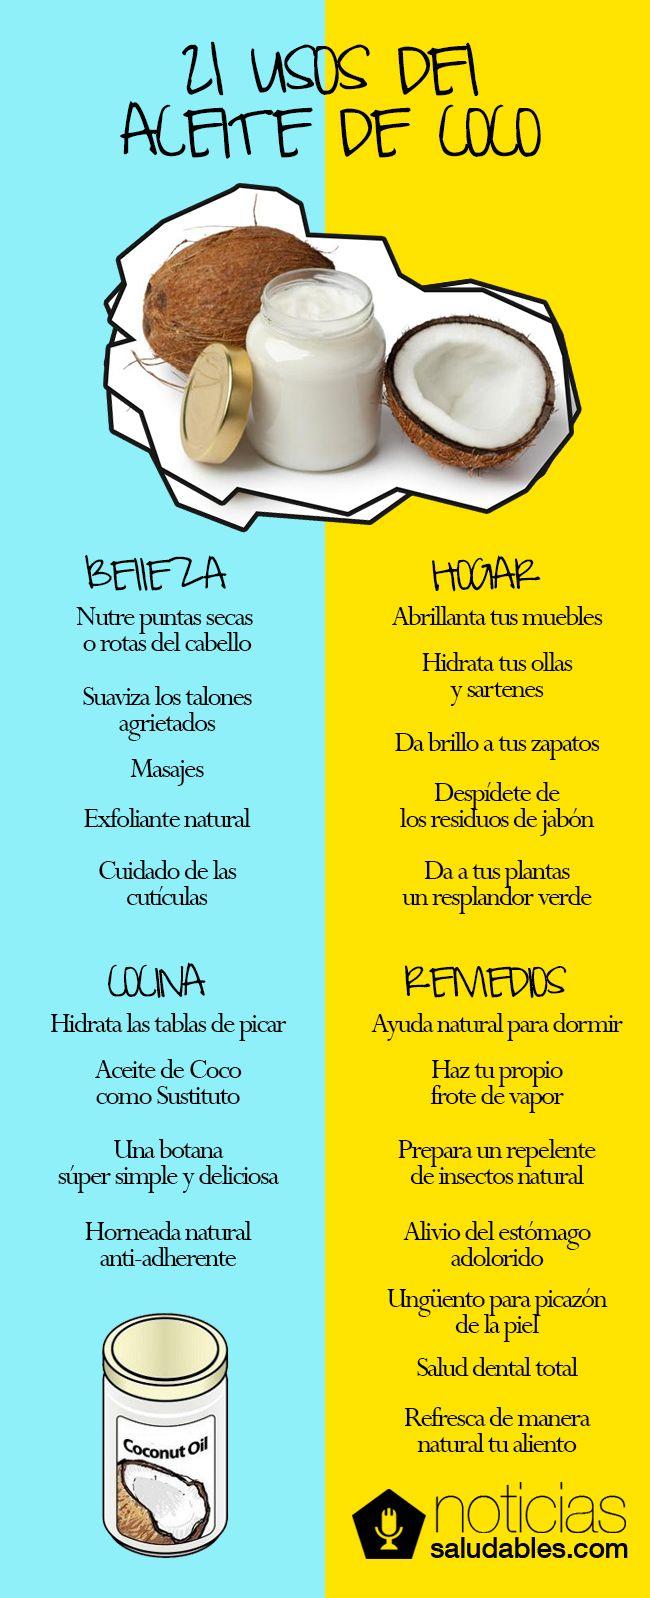 21 Usos Del Aceite De Coco Beneficios Del Aceite De Coco Usos Del Aceite De Coco Aceite De Coco